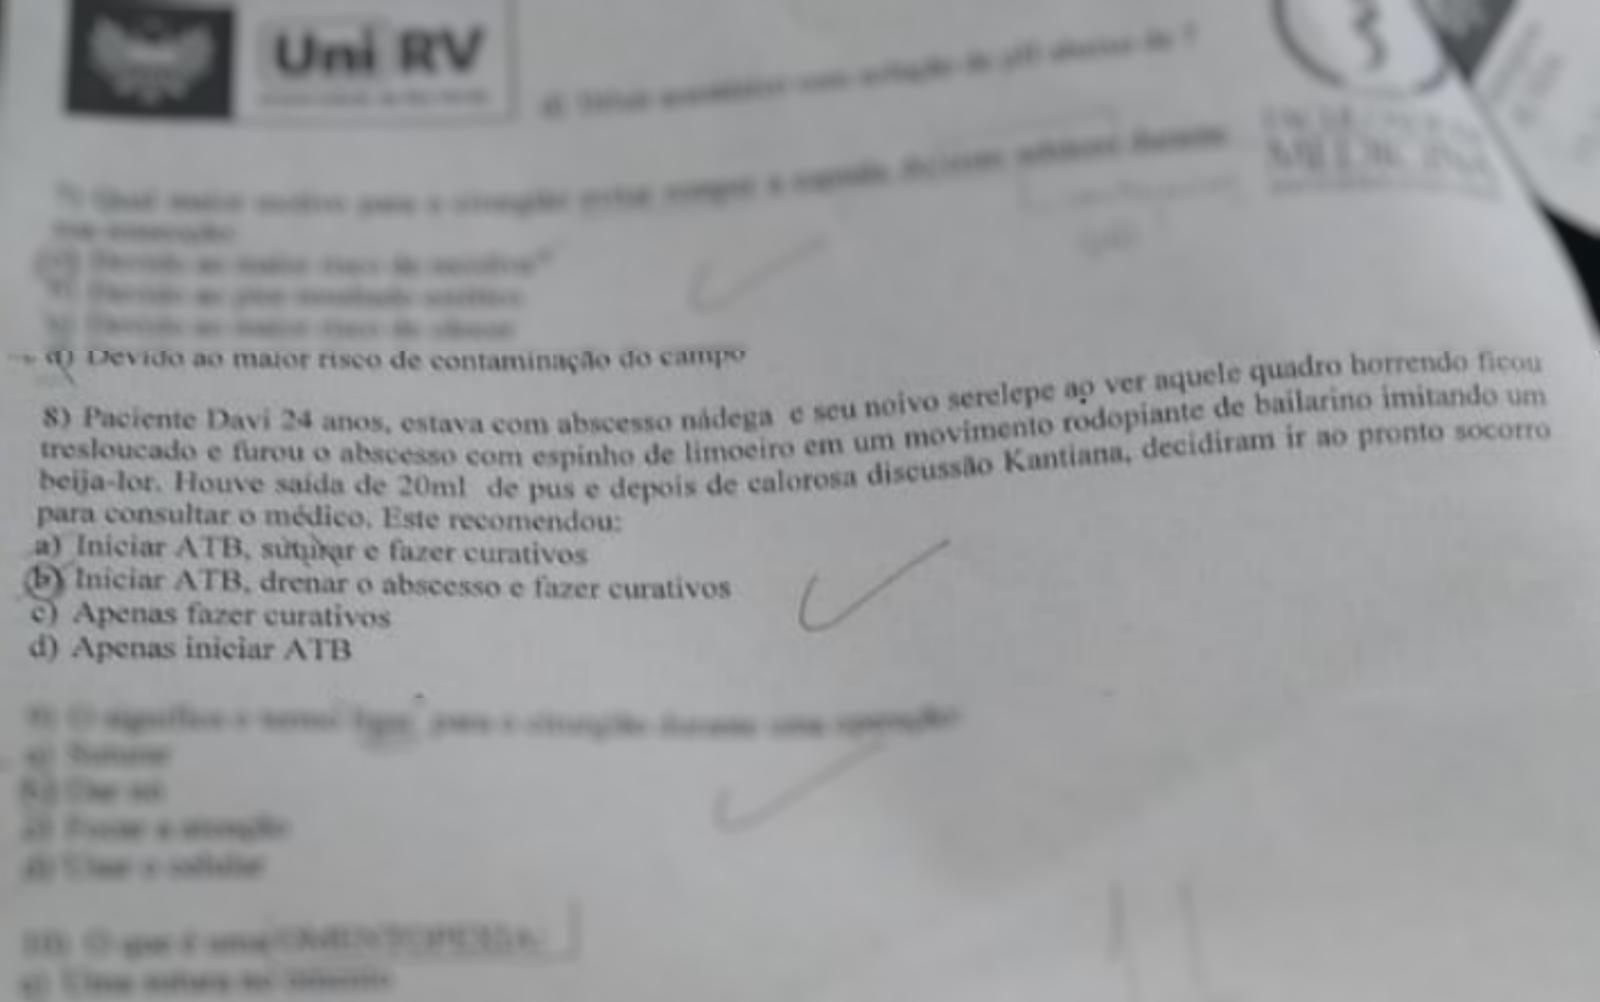 Questão com teor homofóbico em prova de faculdade de medicina de Goiás (Foto: Reprodução/TV Anhanguera)